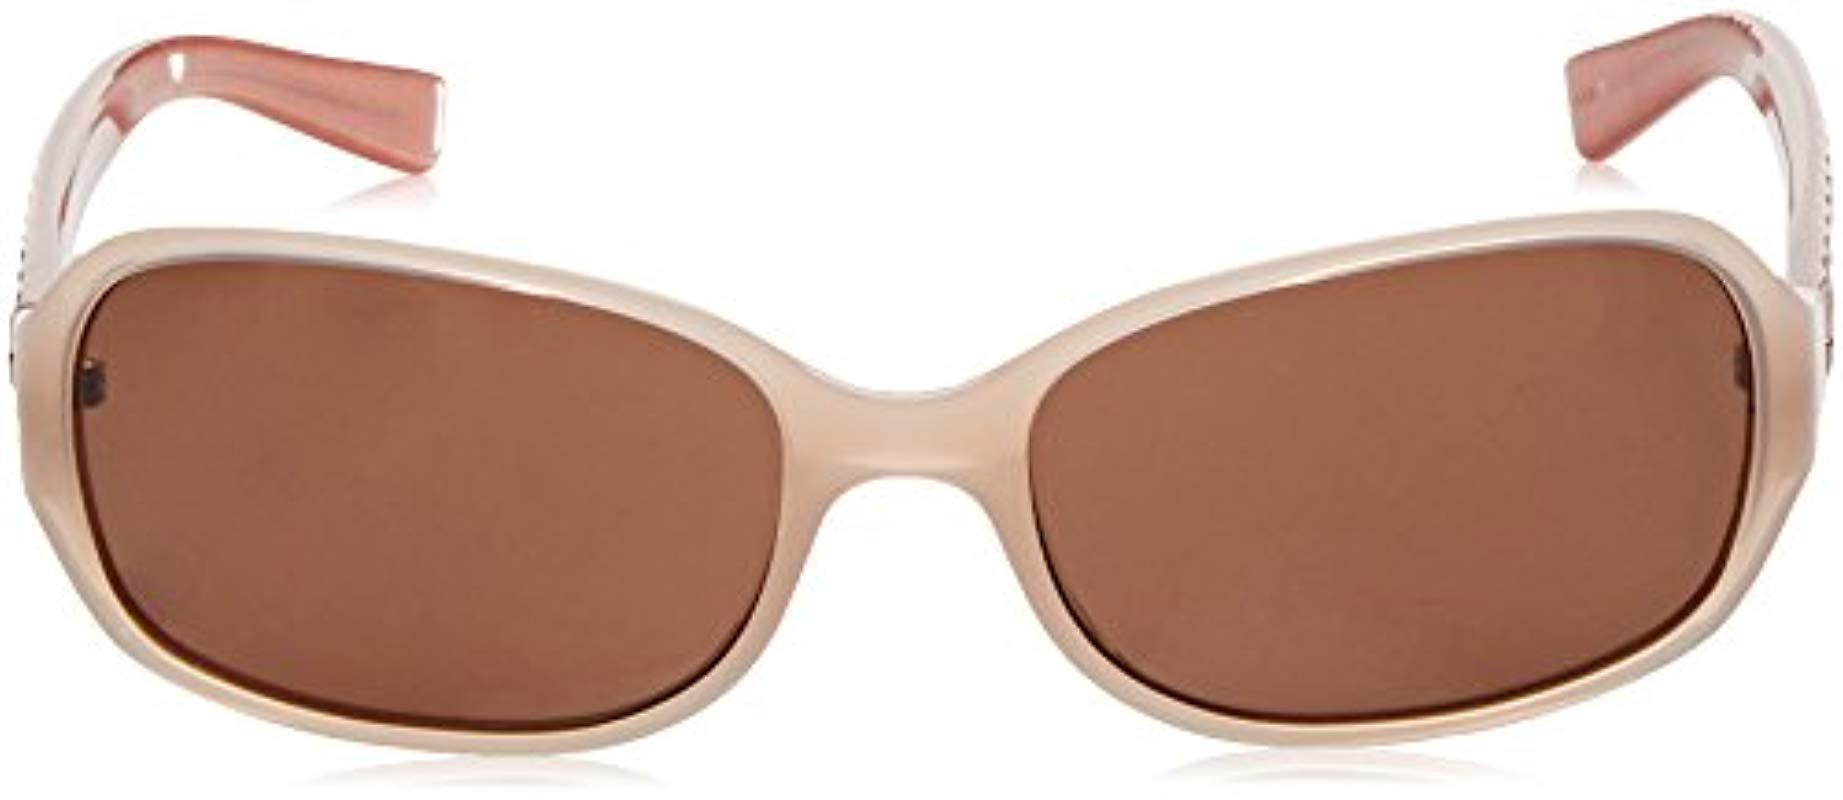 Guess Gafas rosa sol Gu7257 de Lyst de naranja 59 n33 CX7wPXq